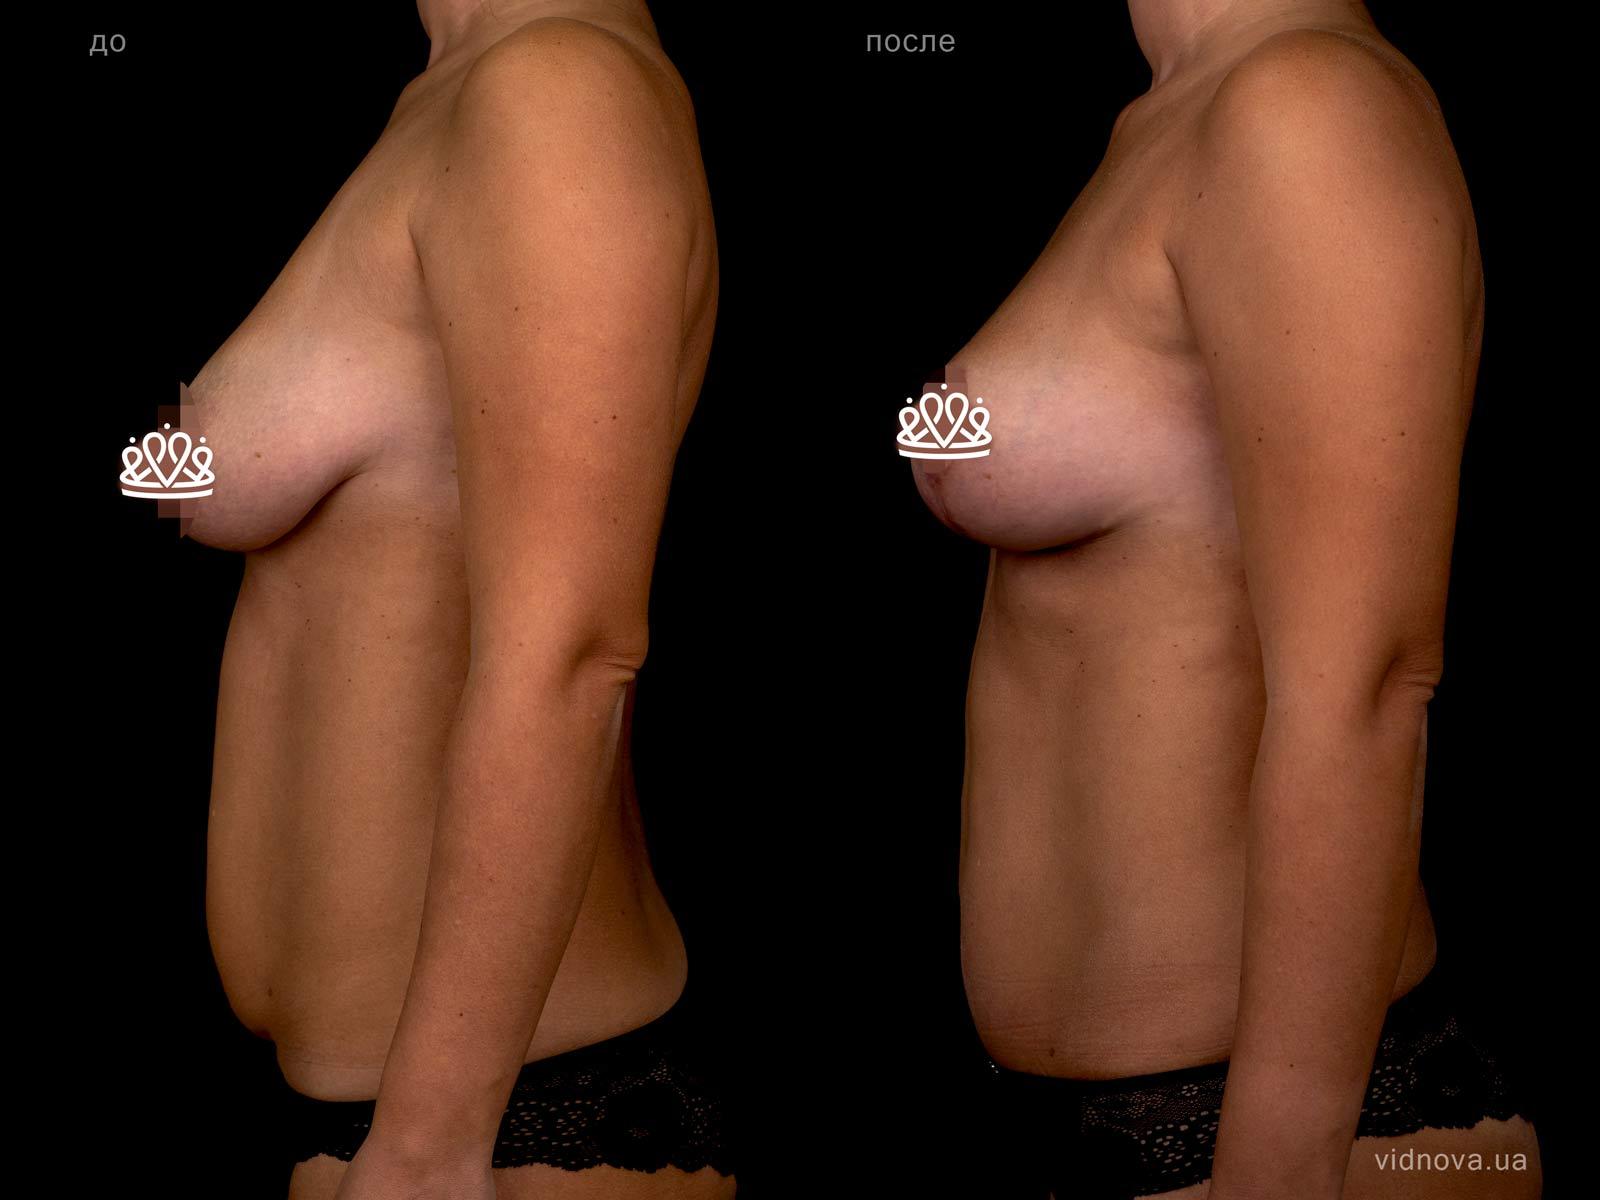 Пластика груди: результаты до и после - Пример №111-3 - Светлана Работенко